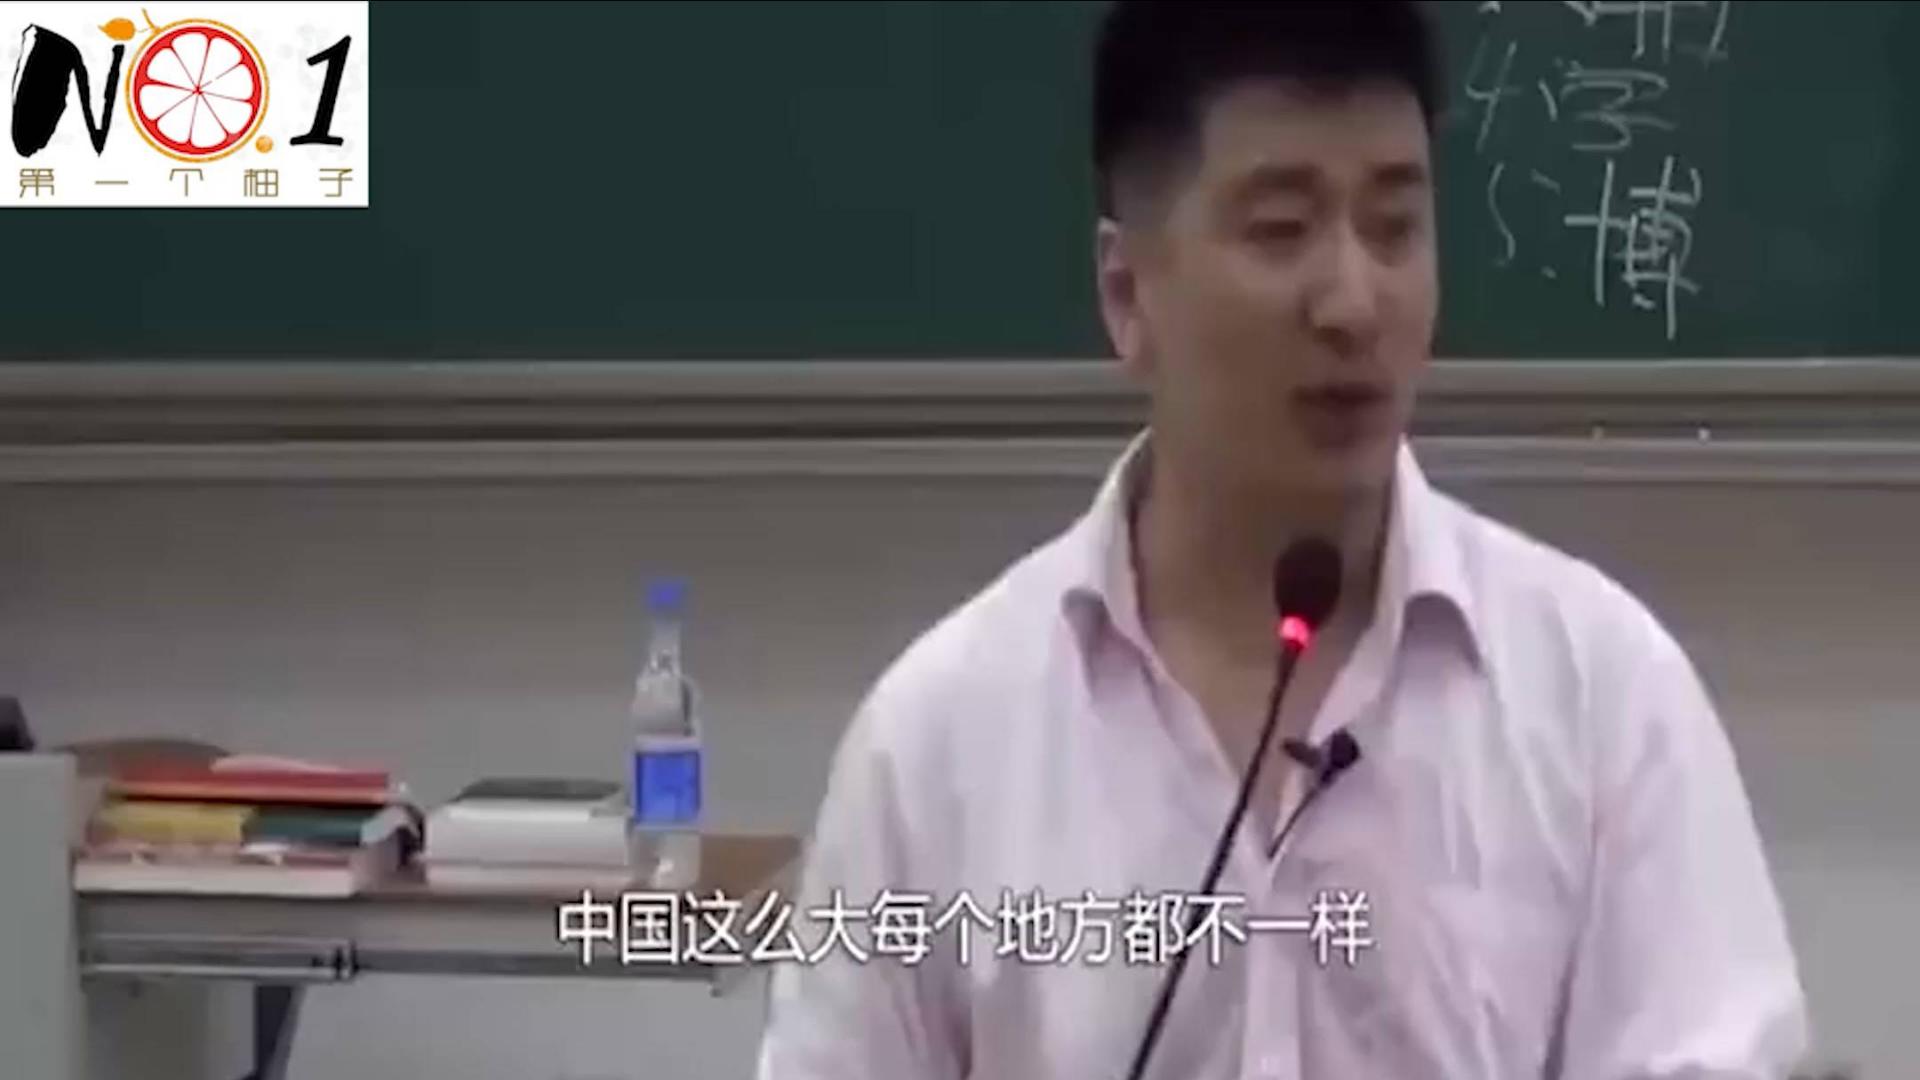 听这样的老师讲课,一定不会睡着